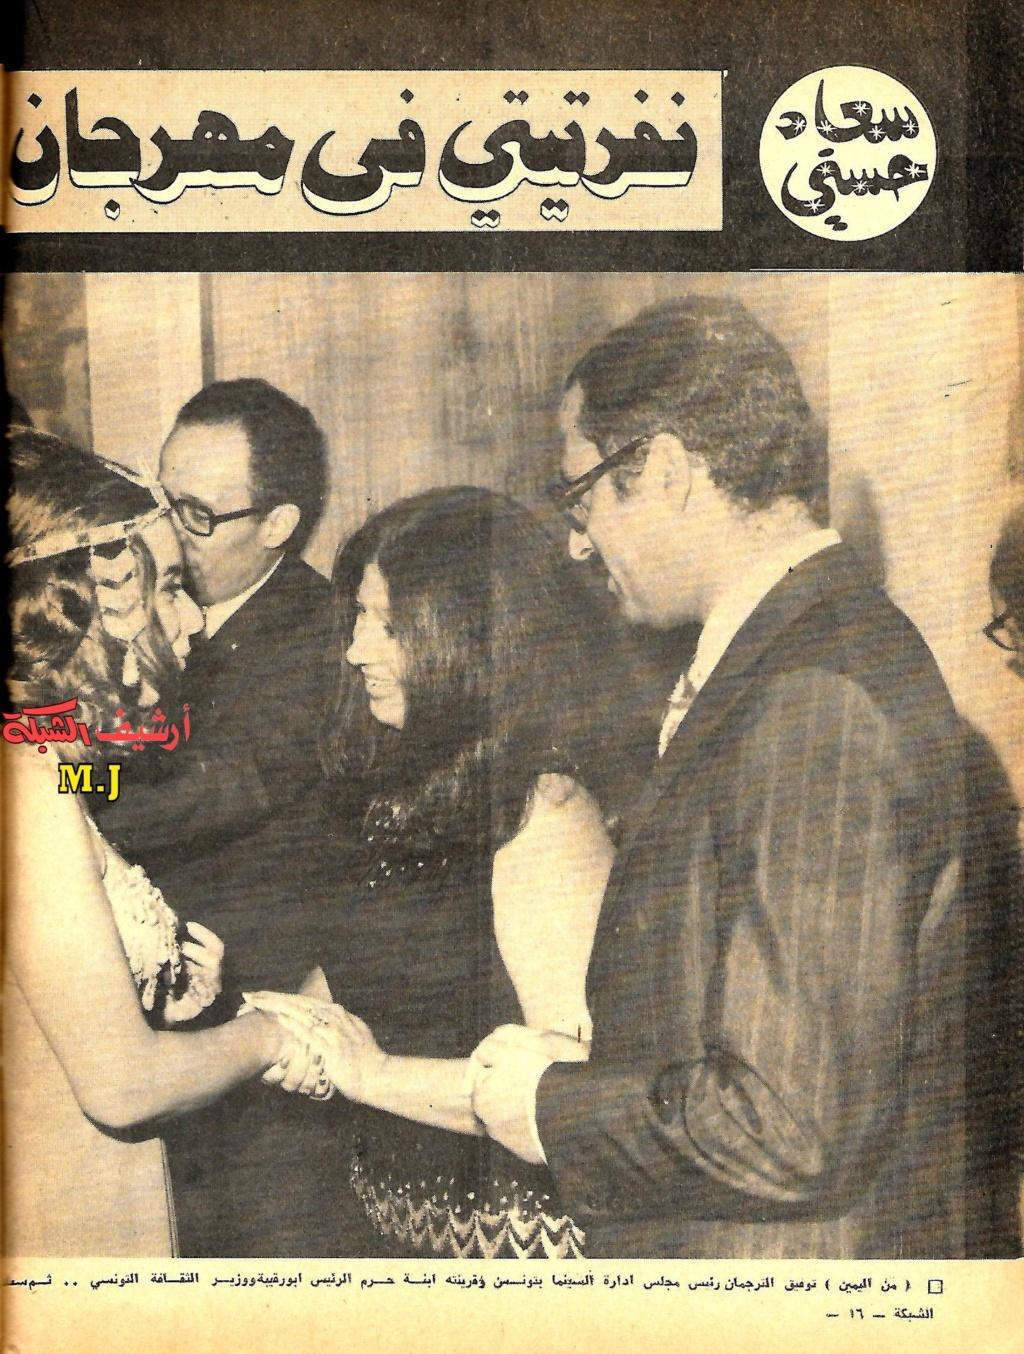 حوار - حوار صحفي : سعاد حسني .. نفرتيتي في مهرجان تونس 1970 م 112